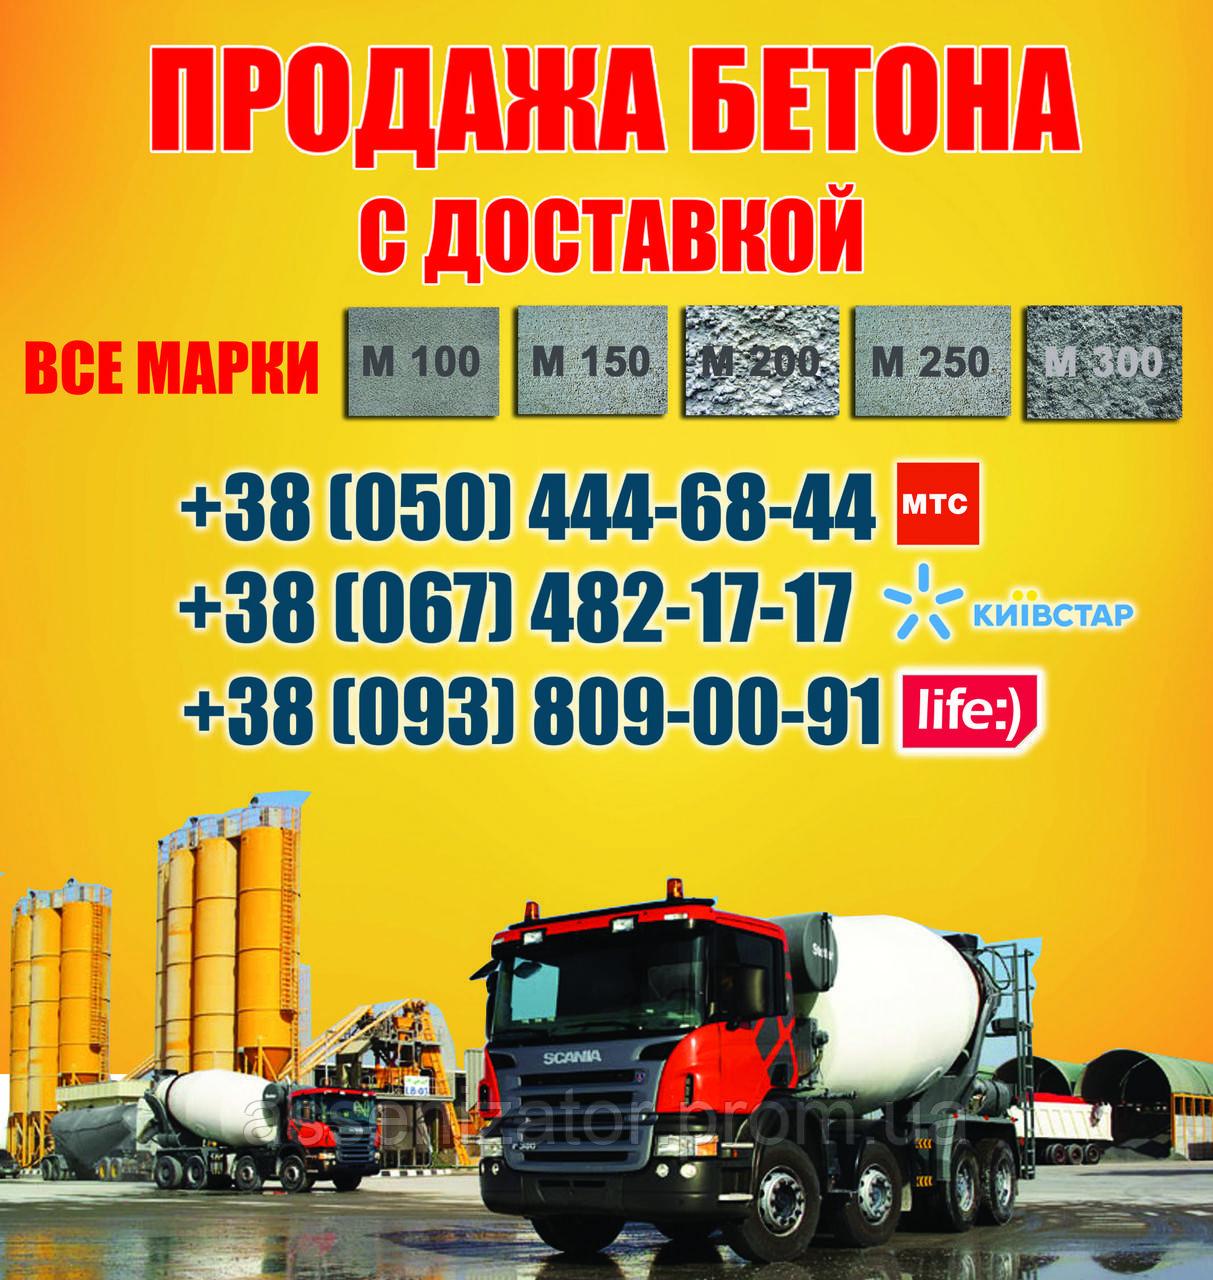 Купить бетон для фундамента в московской области полы в частный дом из керамзитобетона